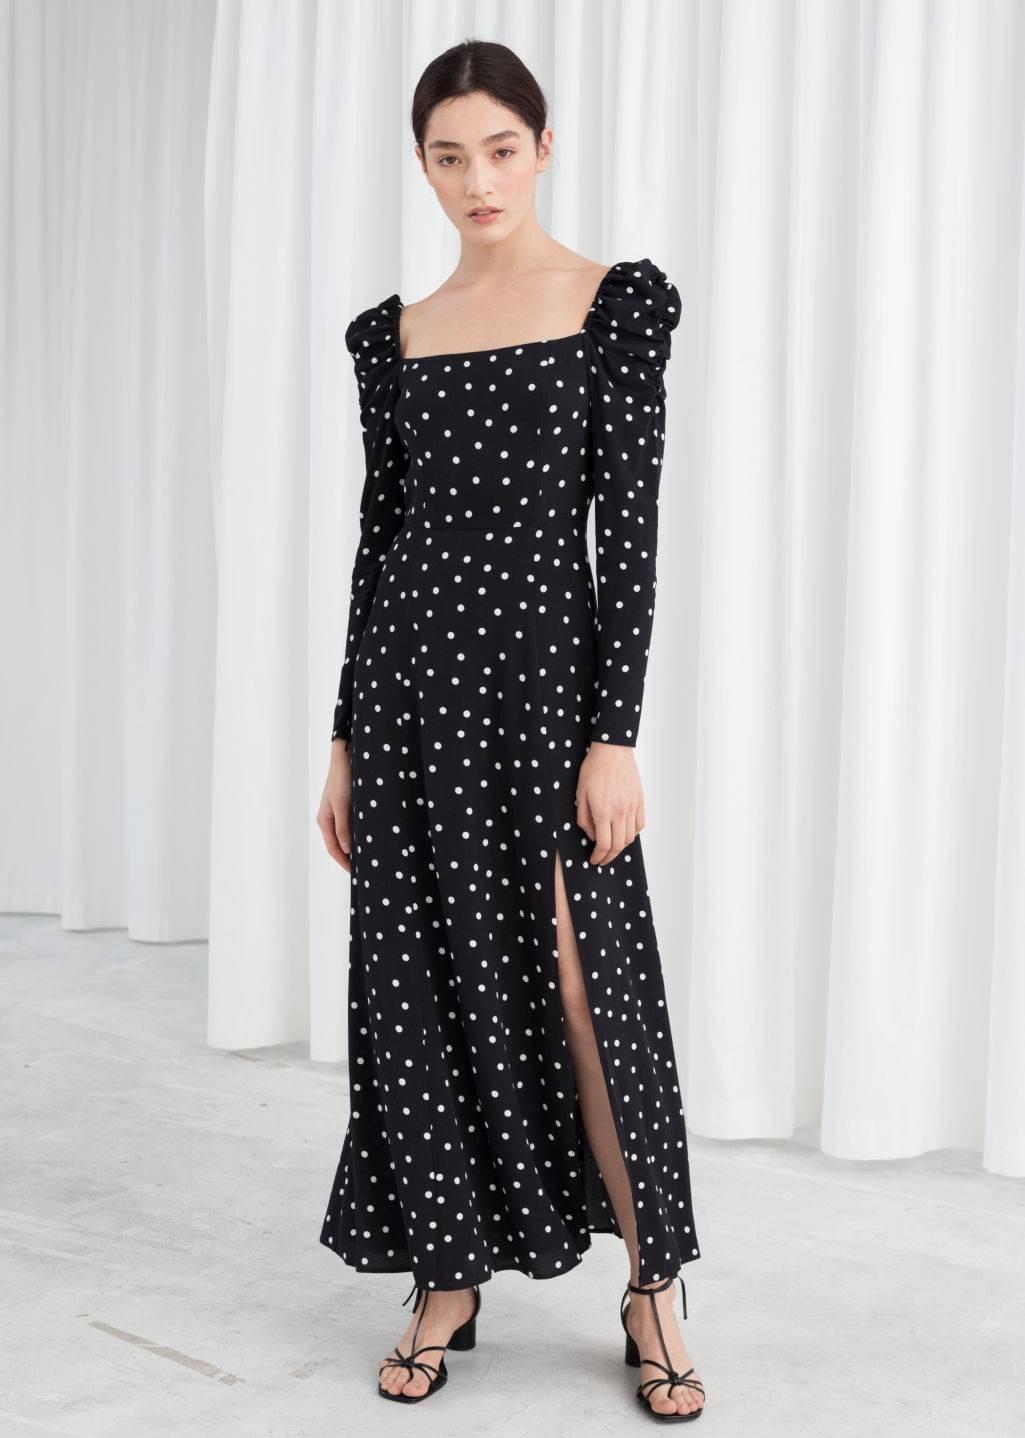 5 kiểu váy nhất định phải sắm trong mùa hè này, chị em hãy nhớ cập nhật cho kịp xu thế - Ảnh 1